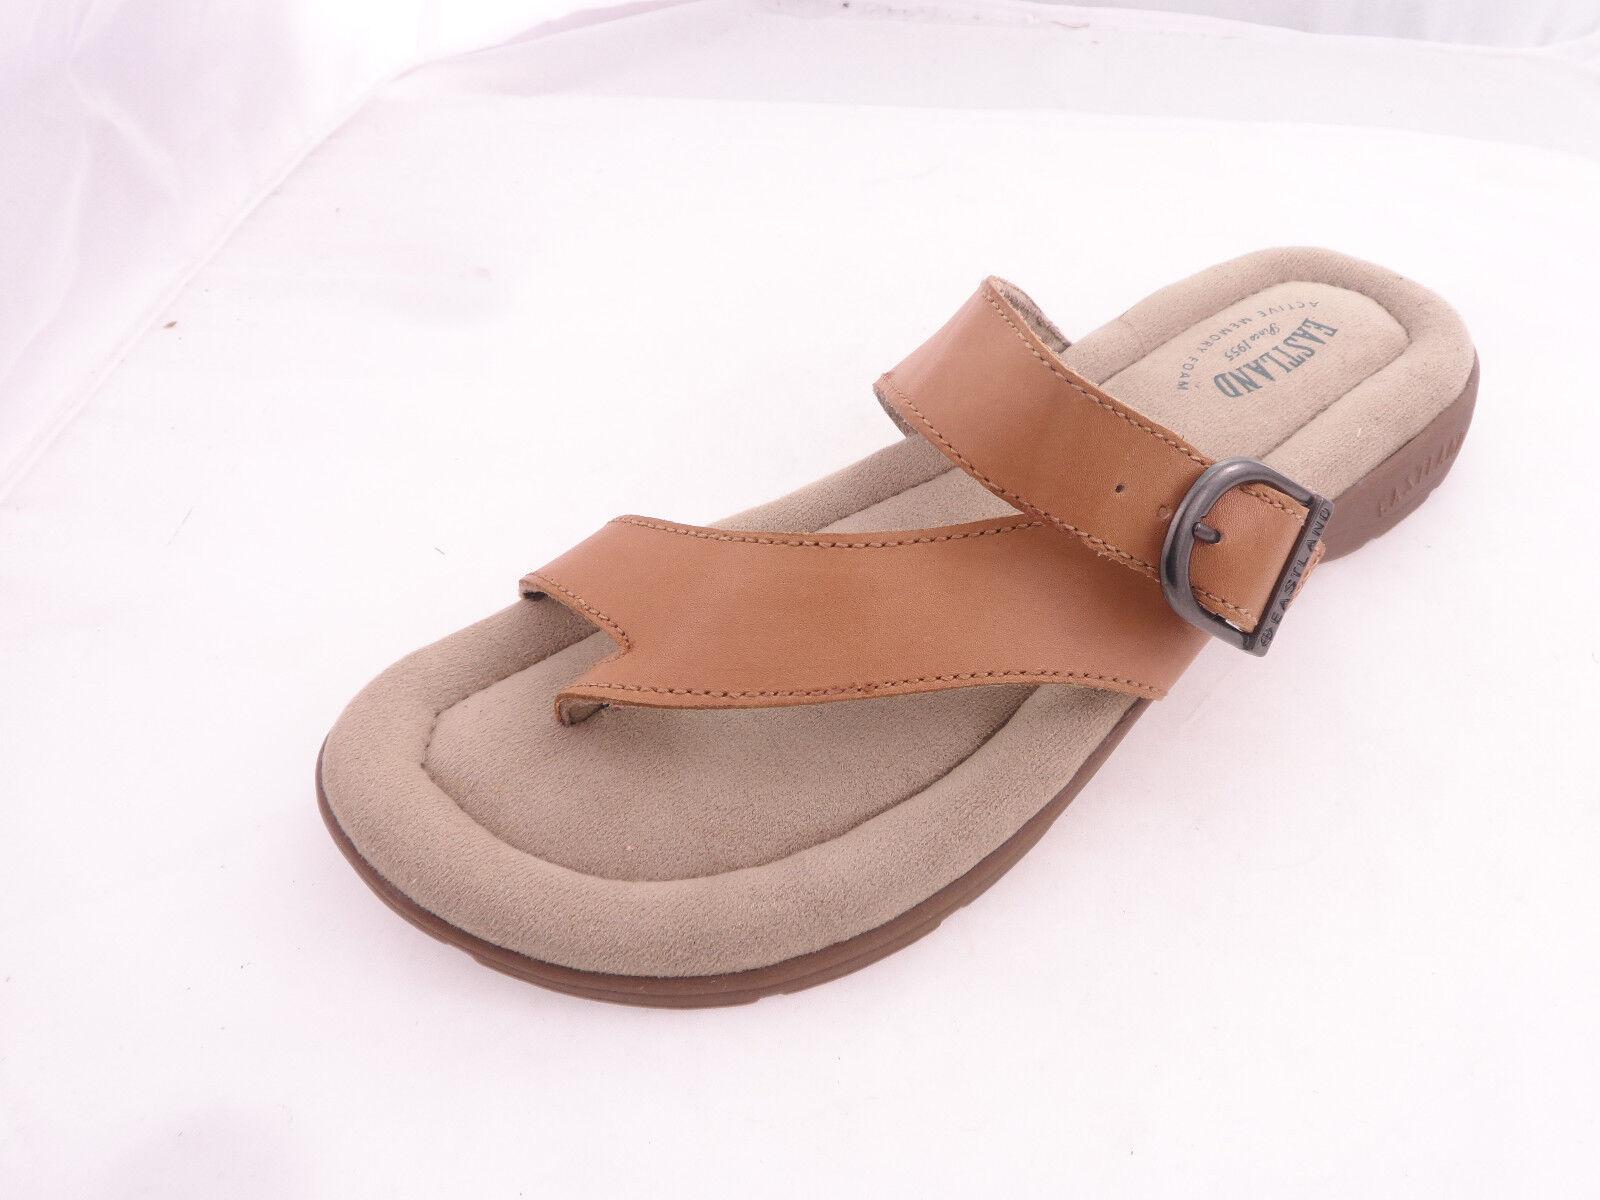 Tahiti eastland women sandals Light Tan 7M